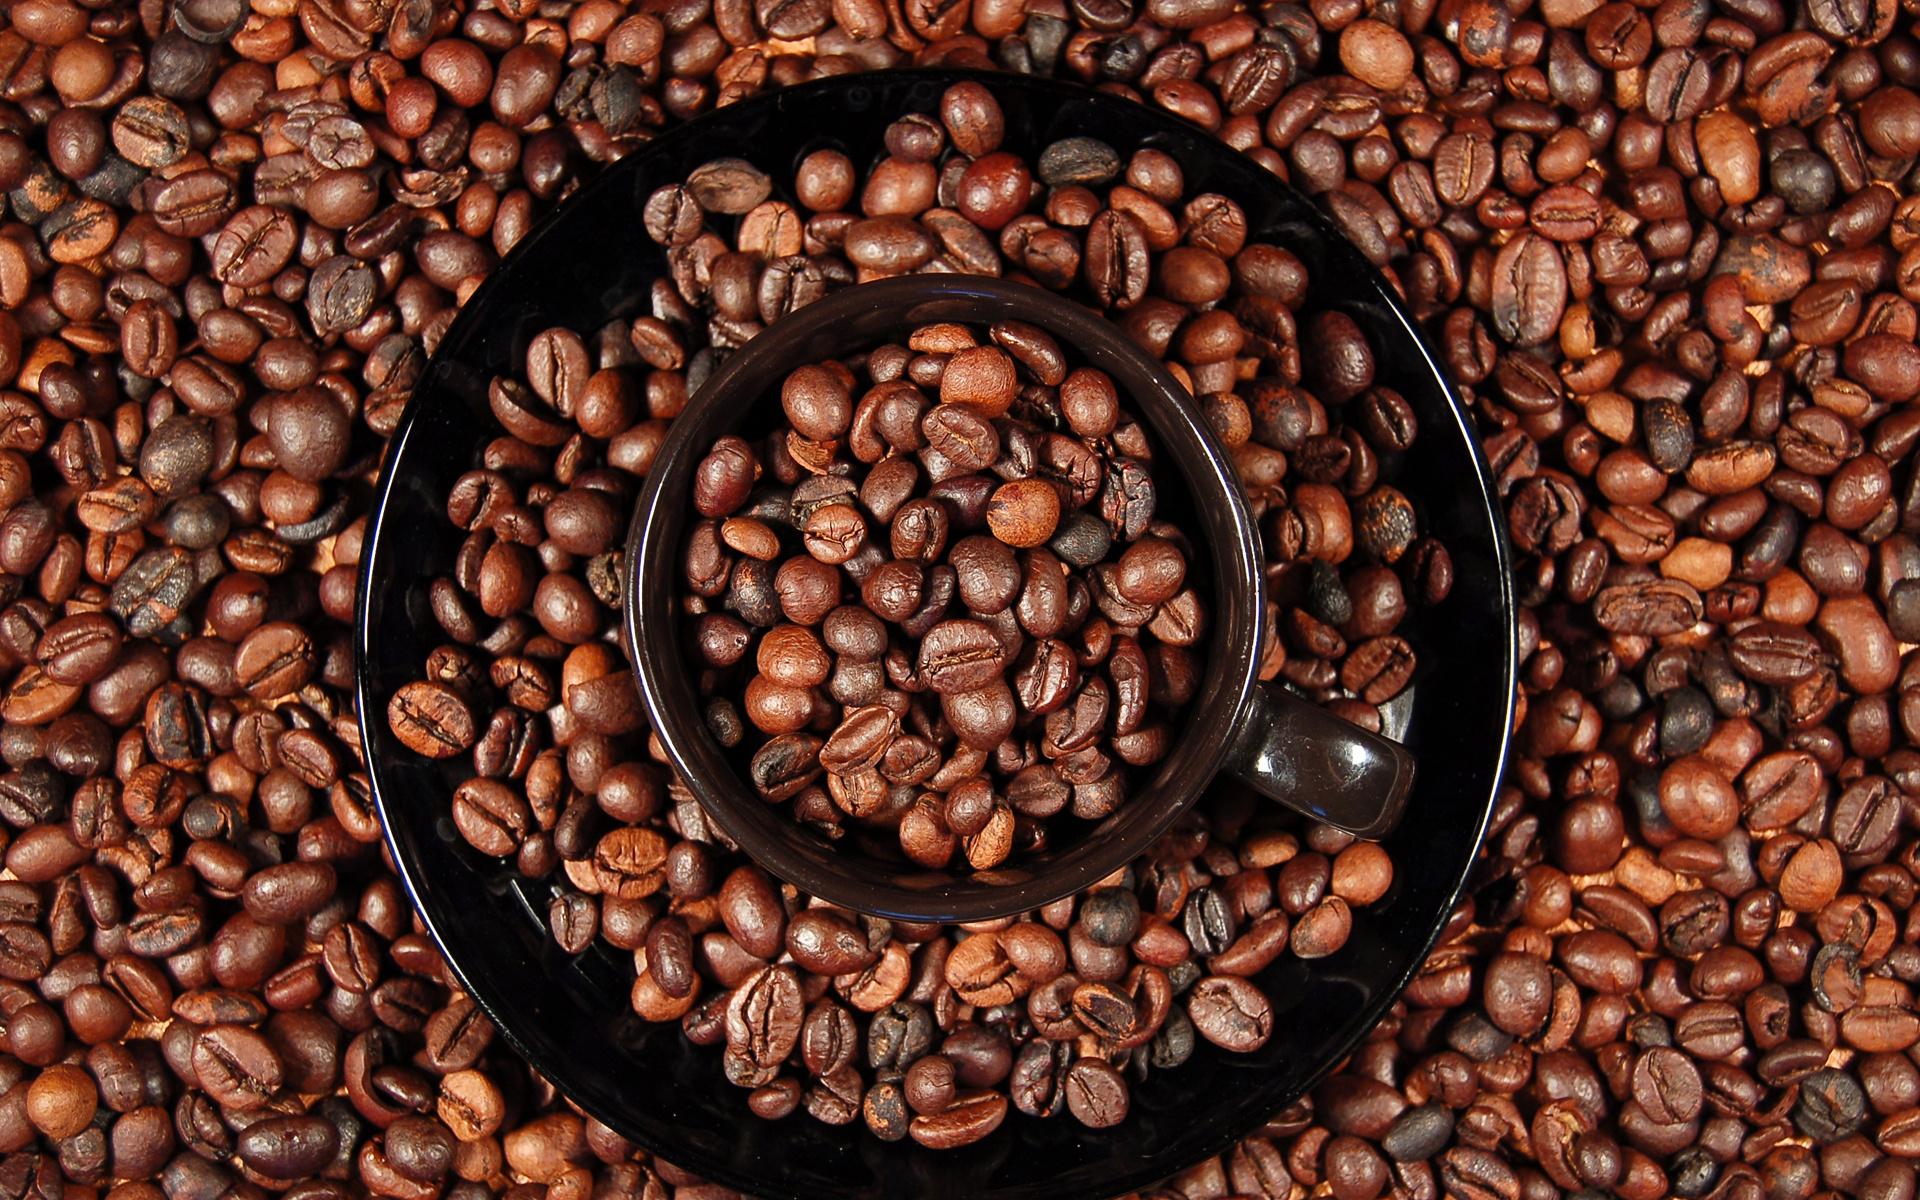 картинка кофе зерна для рабочего стола способ создать